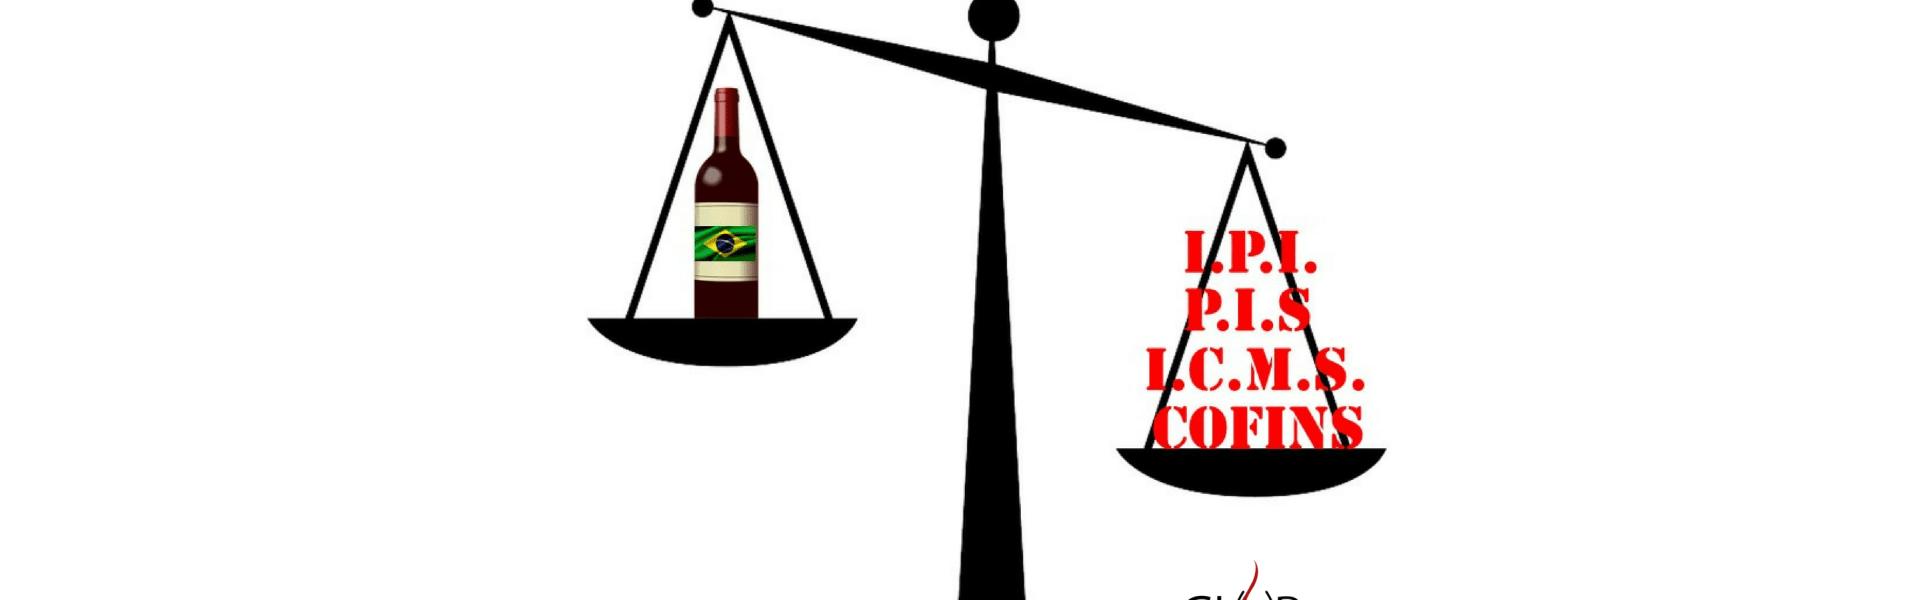 custos de Importação do vinho e impostos